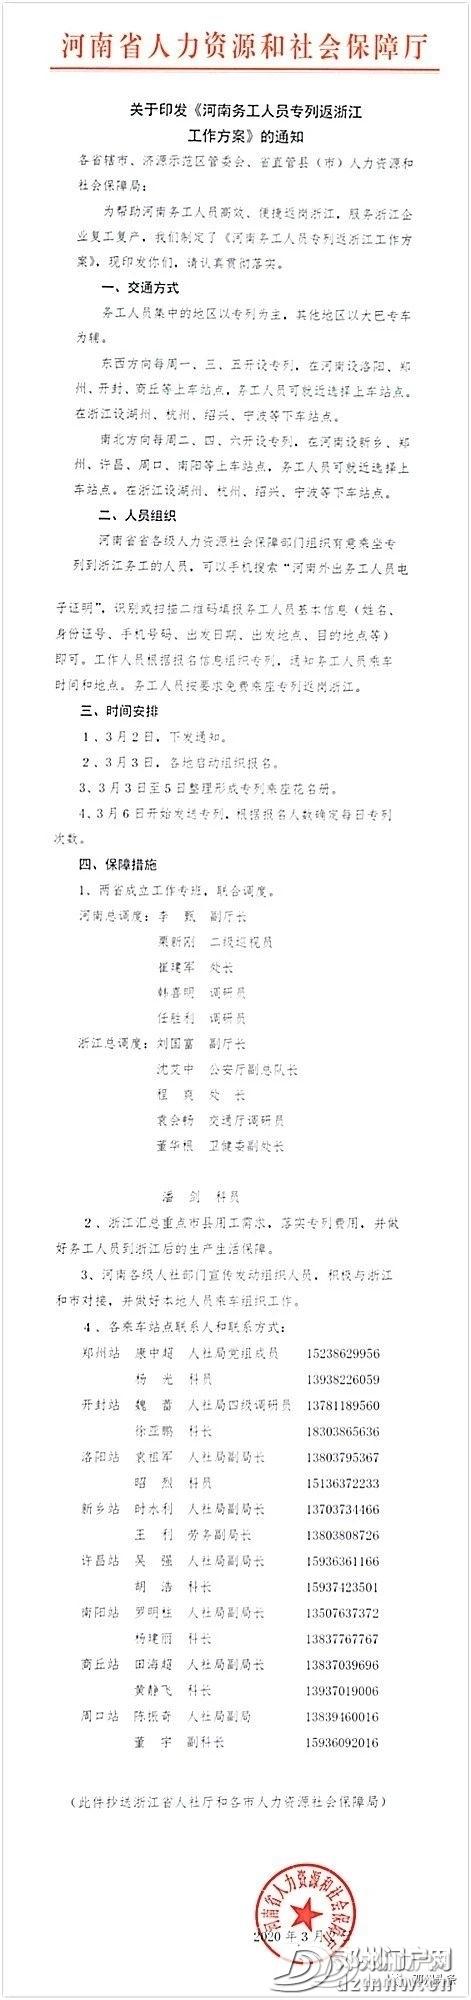 免费!河南务工人员返浙江工作专列来了! - 邓州门户网|邓州网 - 8e2a767060b85cdc6a8937605a0b1a0b.jpg